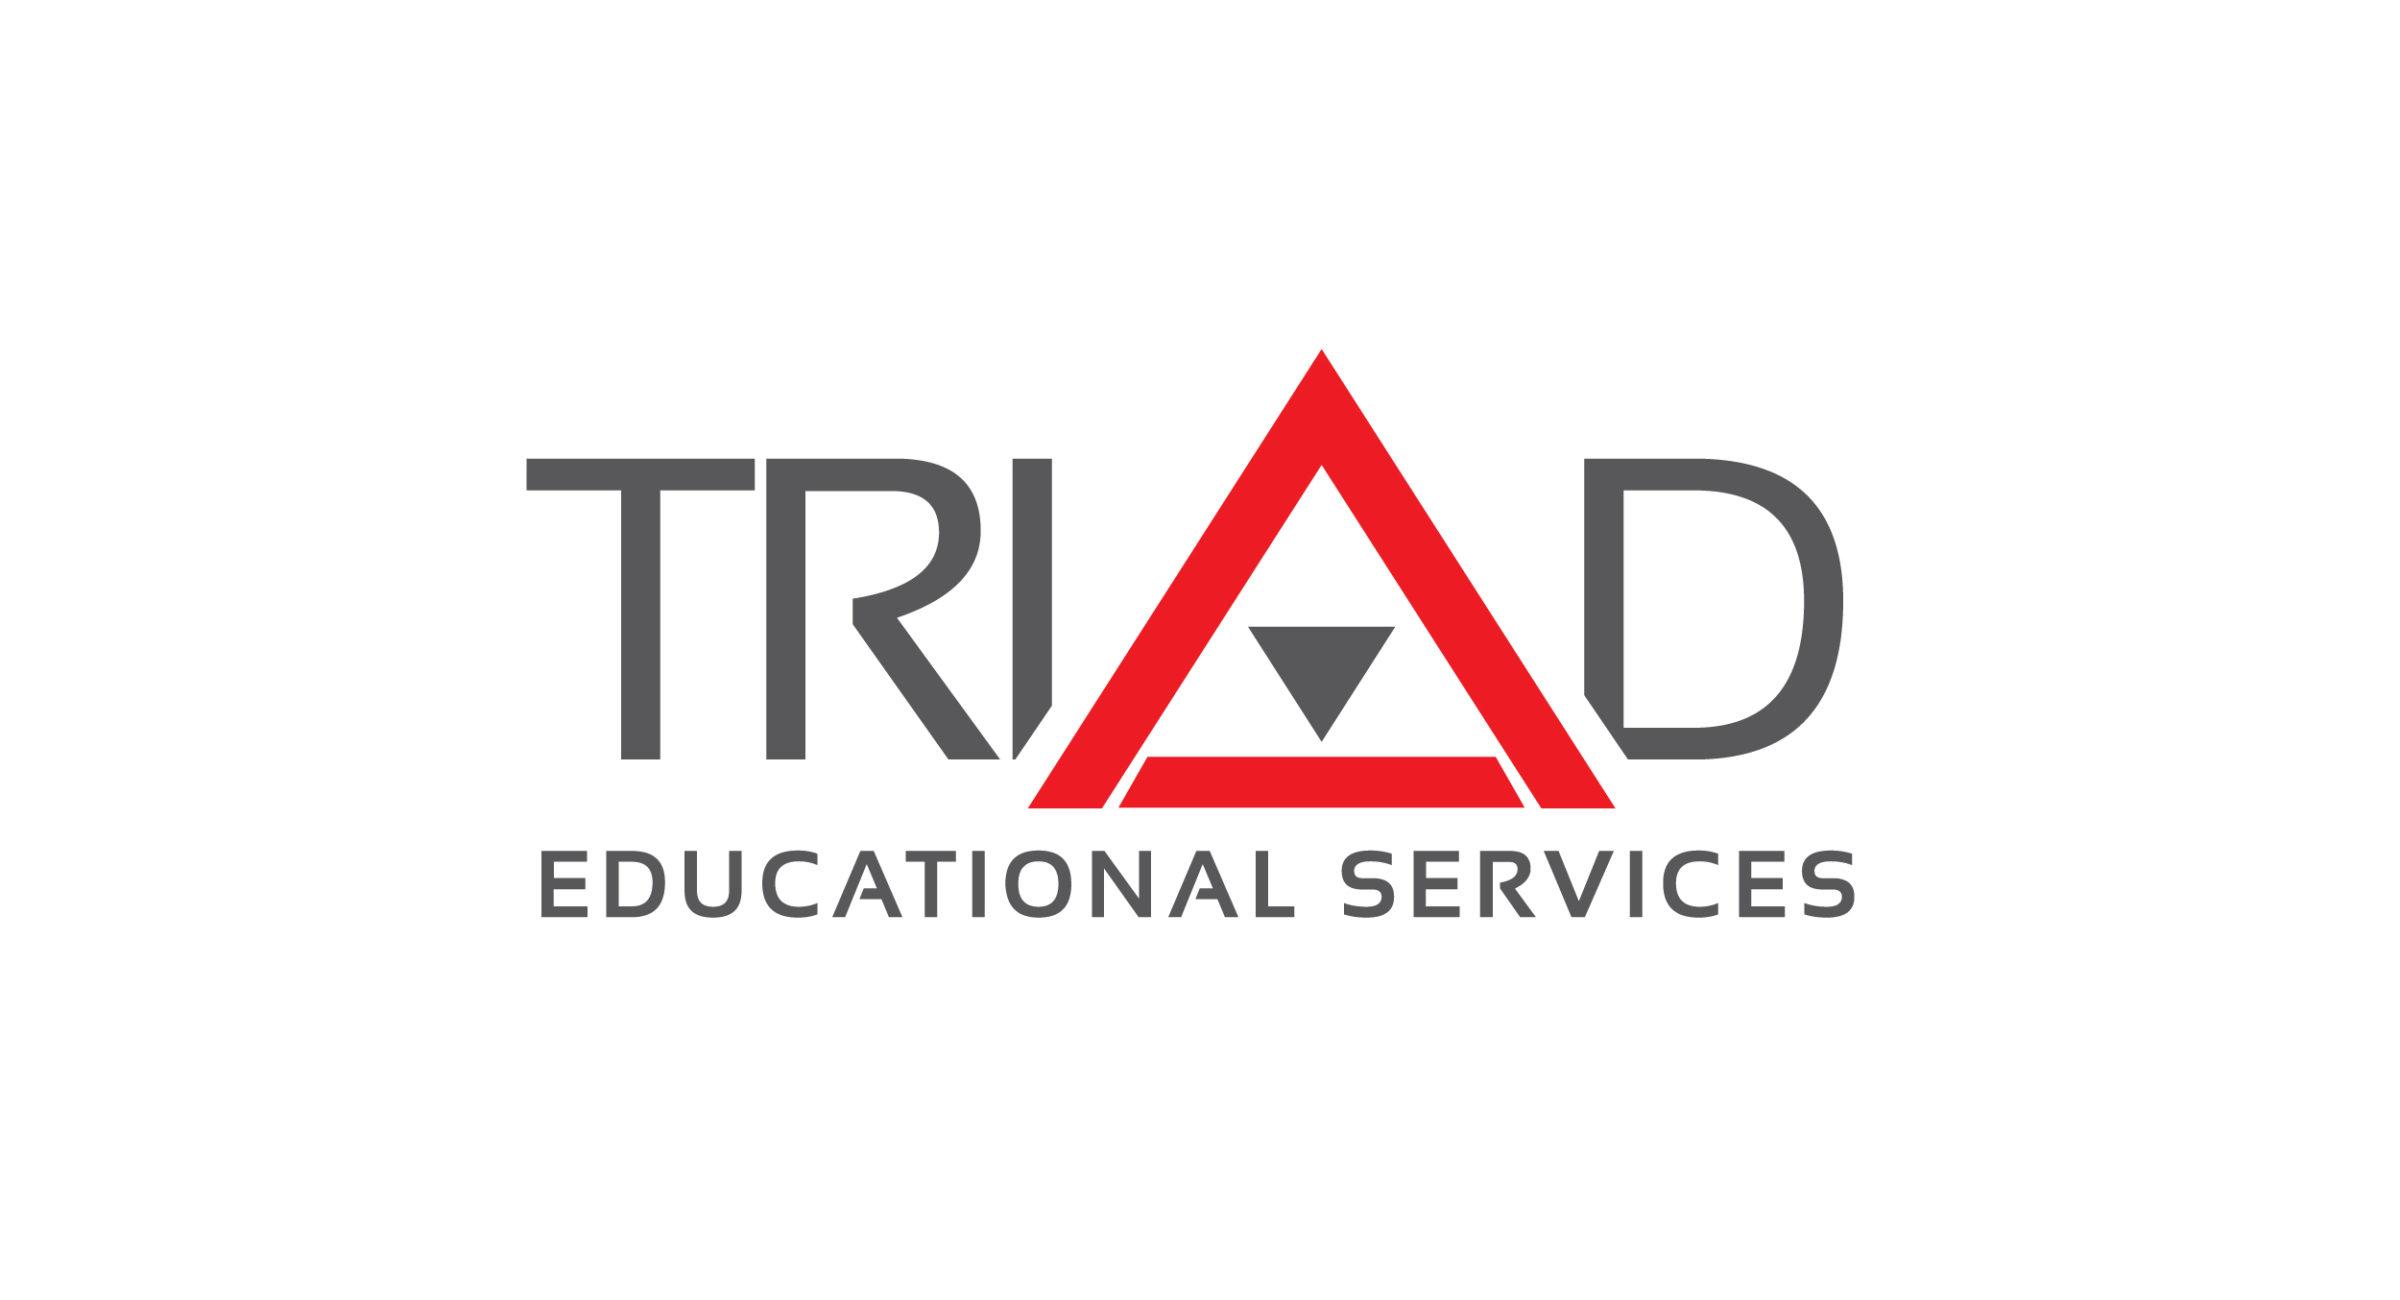 4c4a4e16b8_logo-01